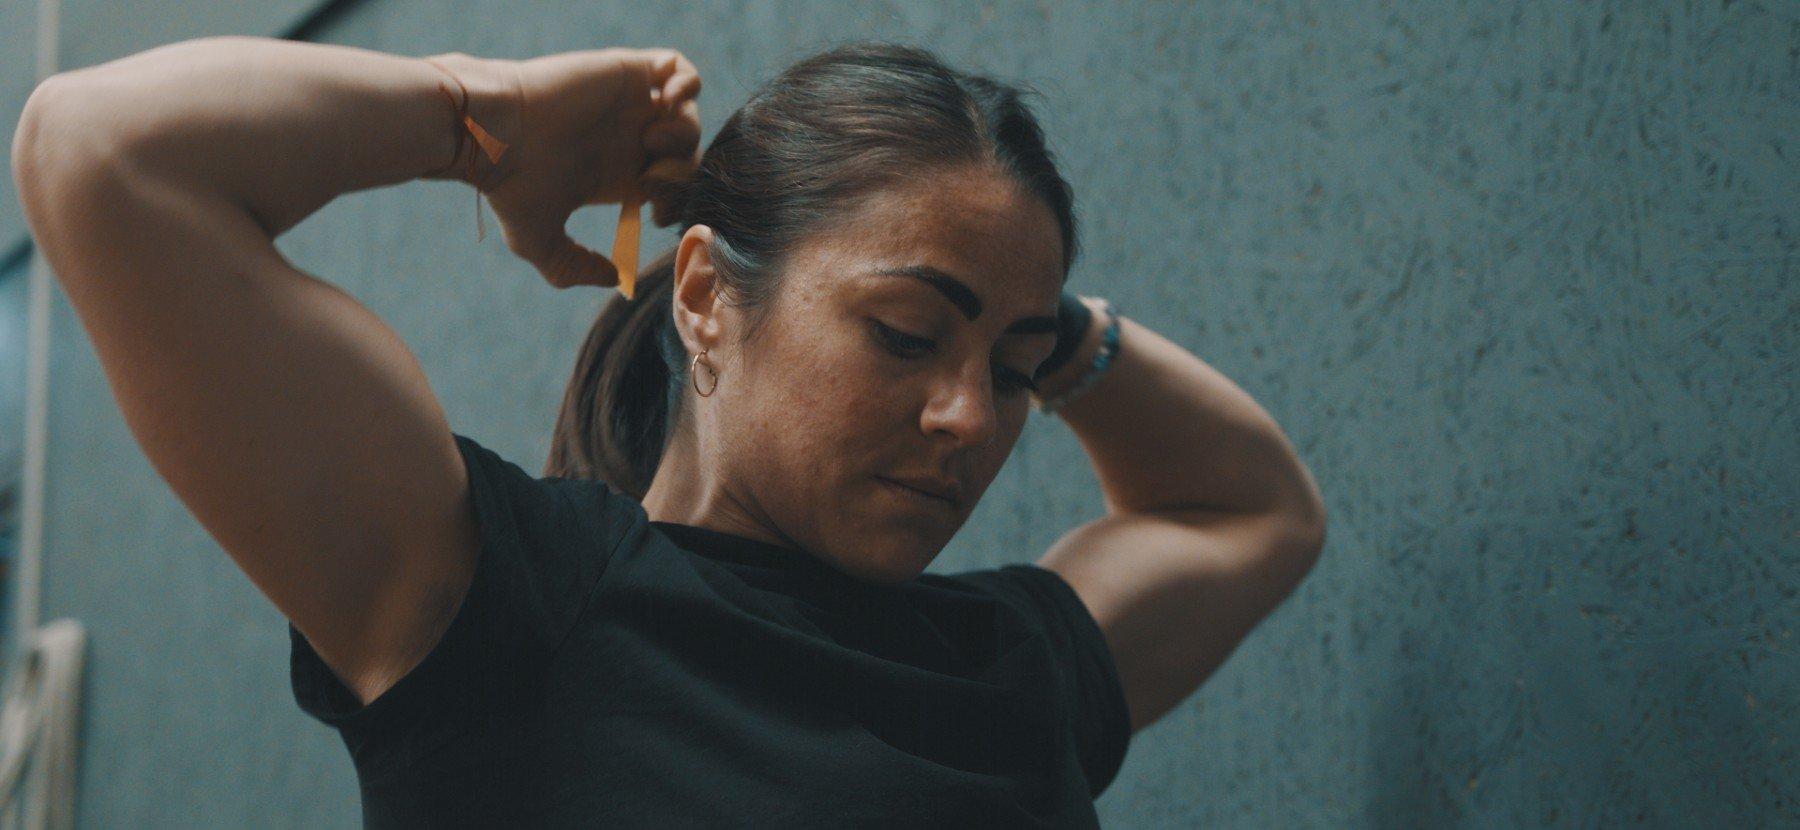 Im Kampf mit einer Essstörung & Leben mit PTSD | Emelye Dwyer: Die Umkleidekabine – Episode 1